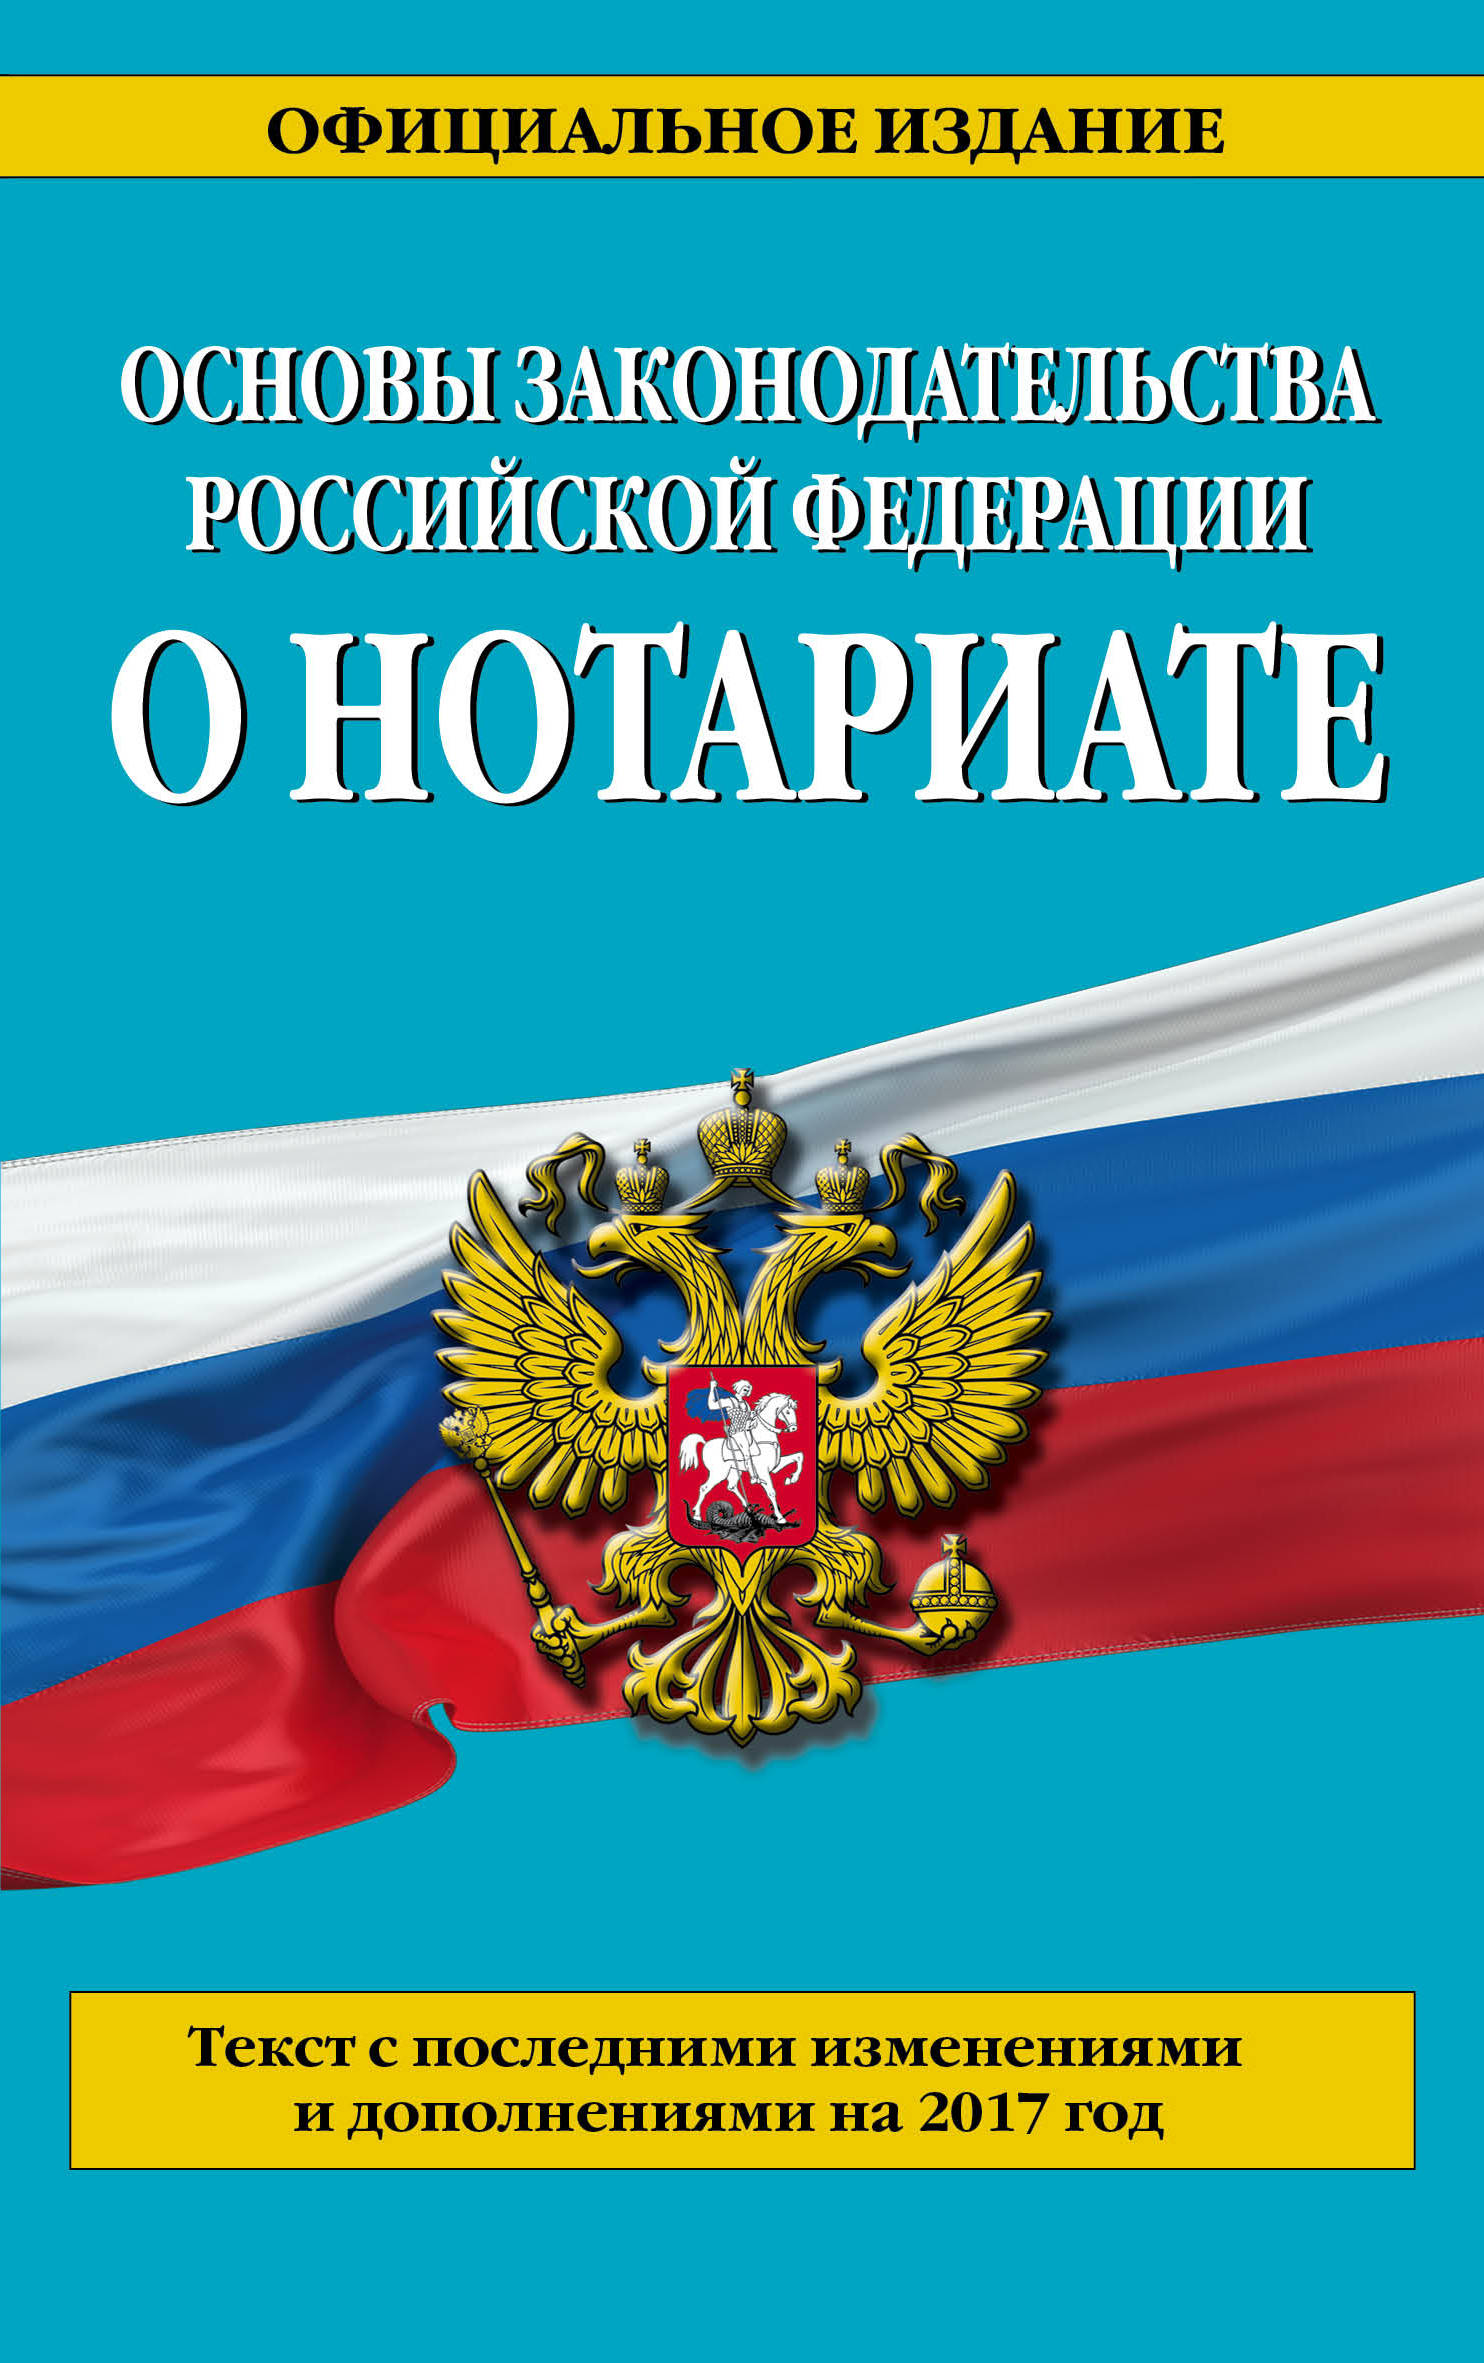 Основы законодательства Российской Федерации о нотариате проект закона о нотариате с пояснениями